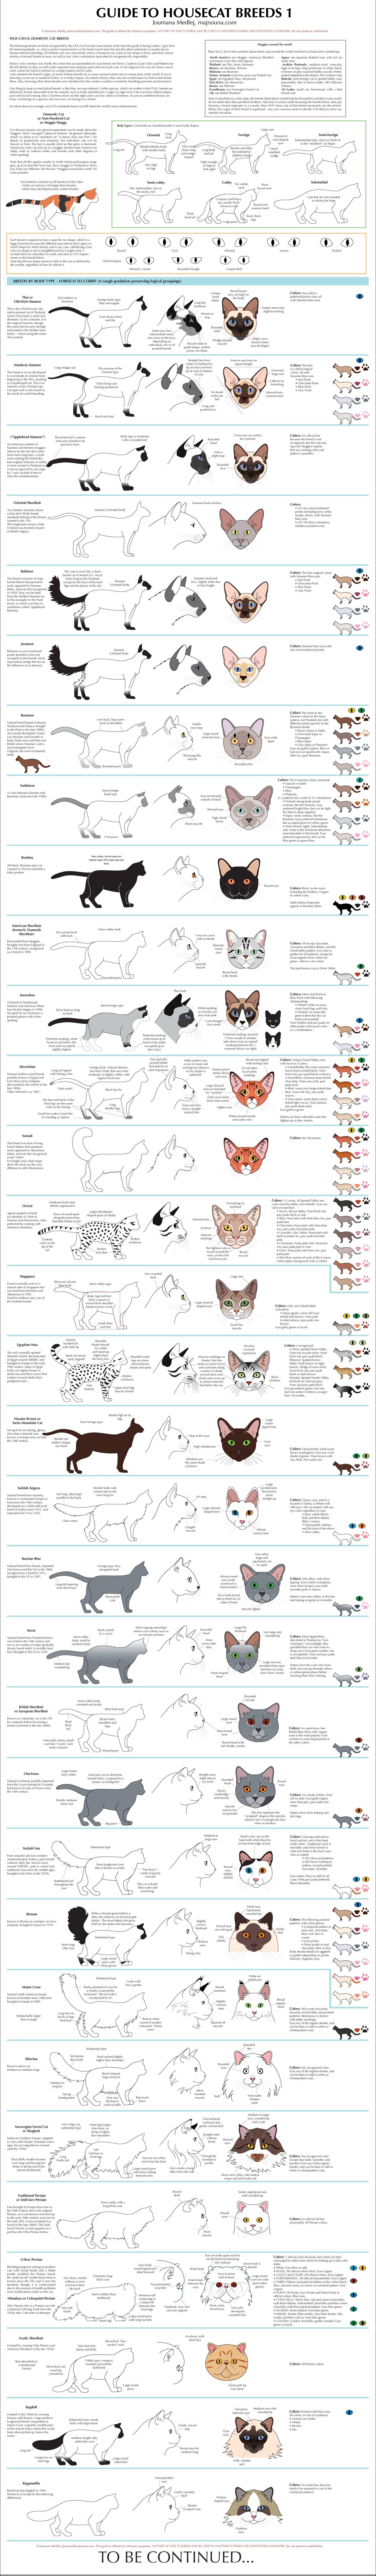 Guide to Housecat Breeds - Eine schöne Übersicht zu den ...